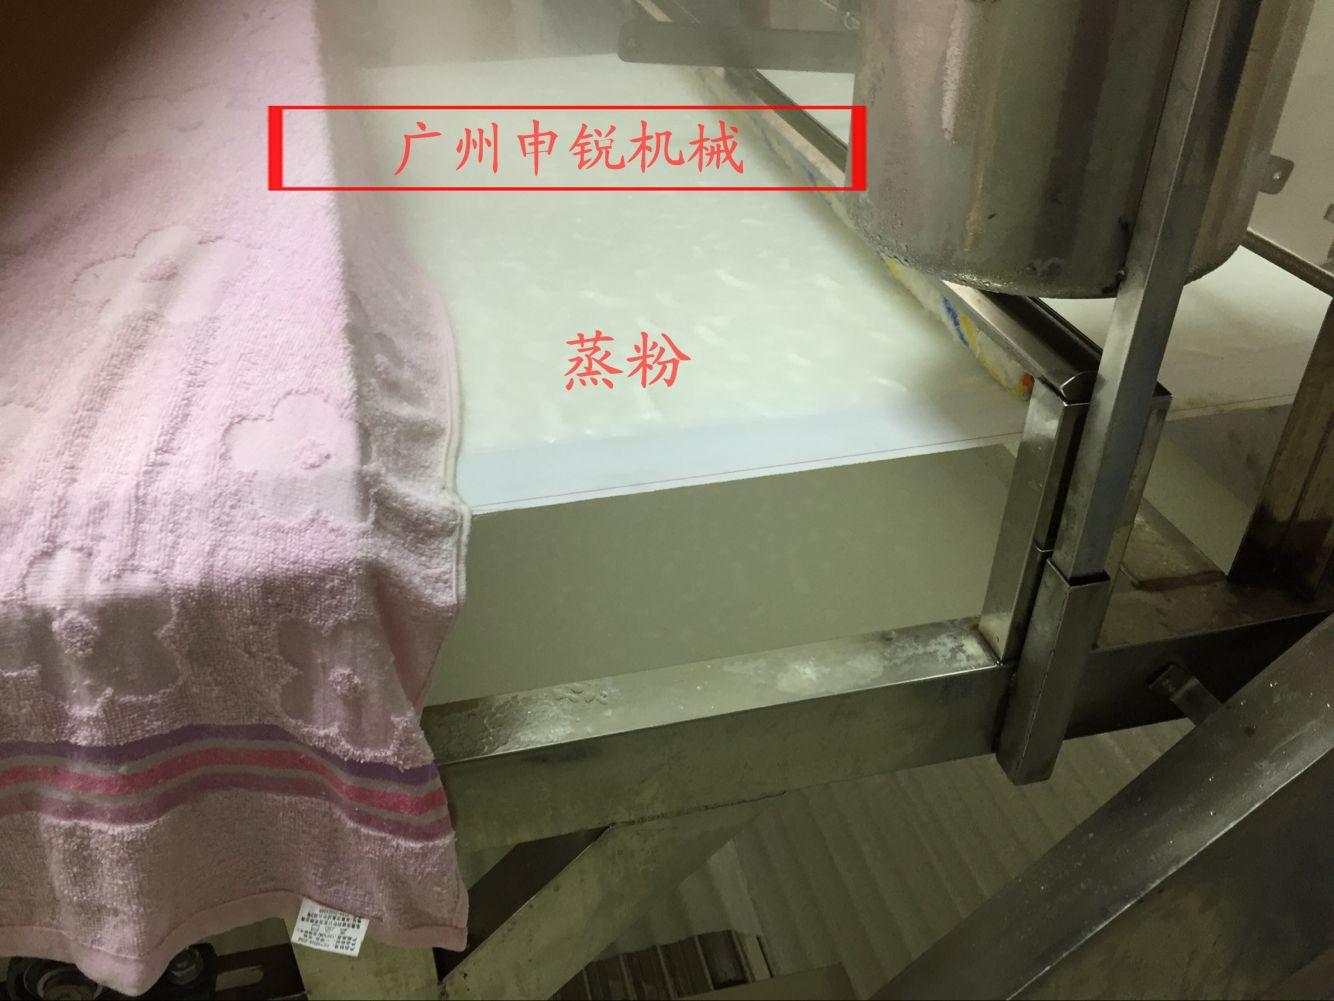 申銳不銹鋼河粉機 多功能涼皮機 潮汕粿條機 江西湯粉機 廠家直銷示例圖8